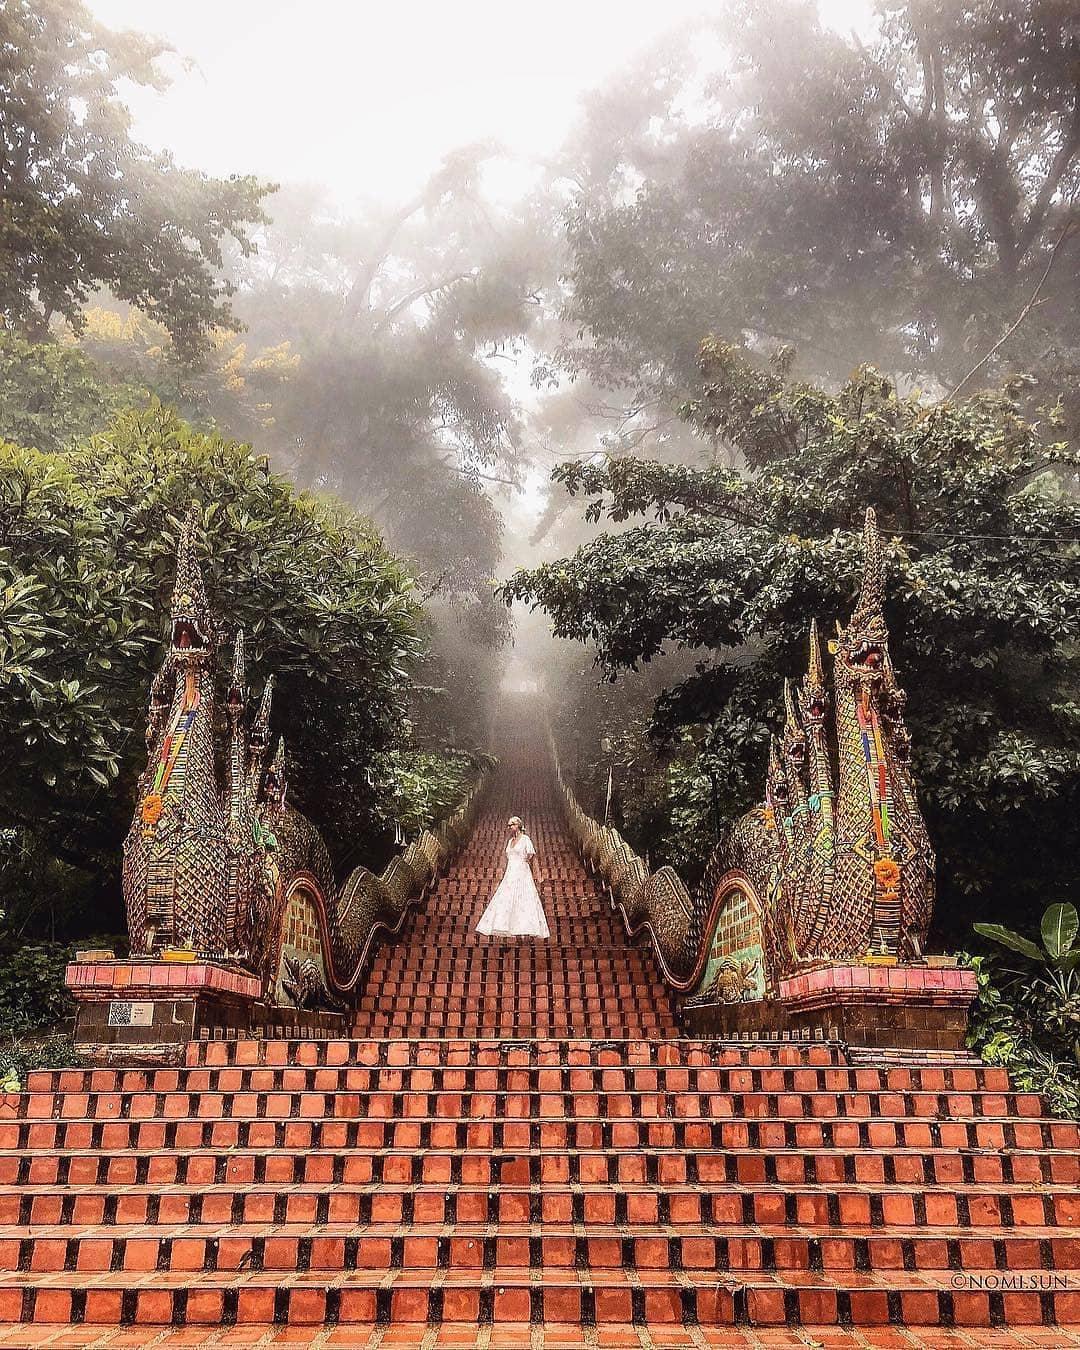 Kinh nghiệm đi Chiang Mai - Wat Phrathat Doi Suthep